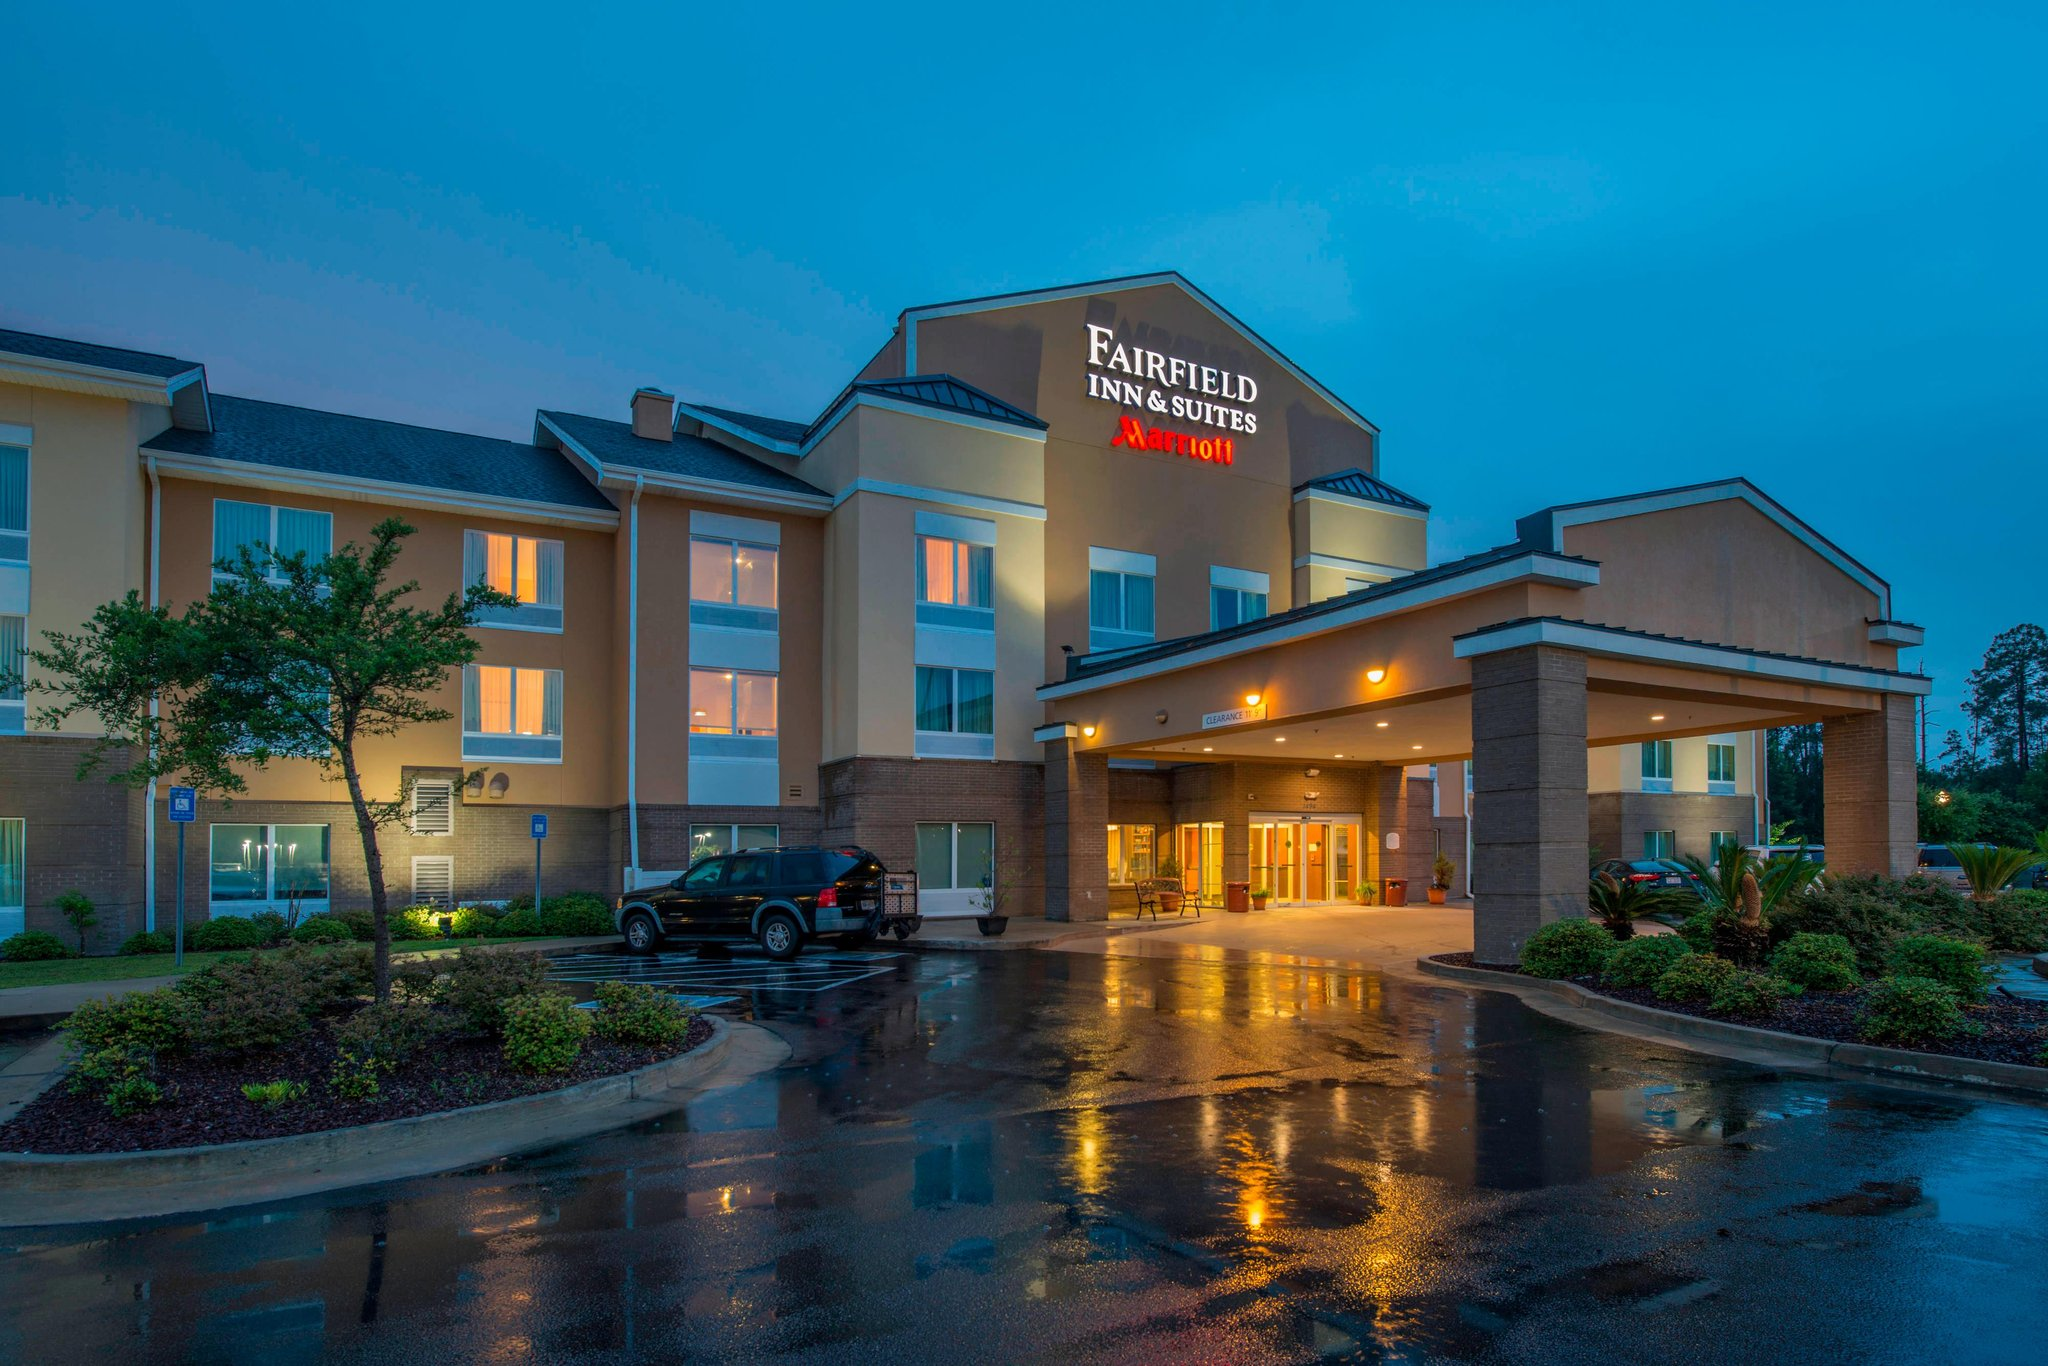 Fairfield Inn & Suites Hinesville